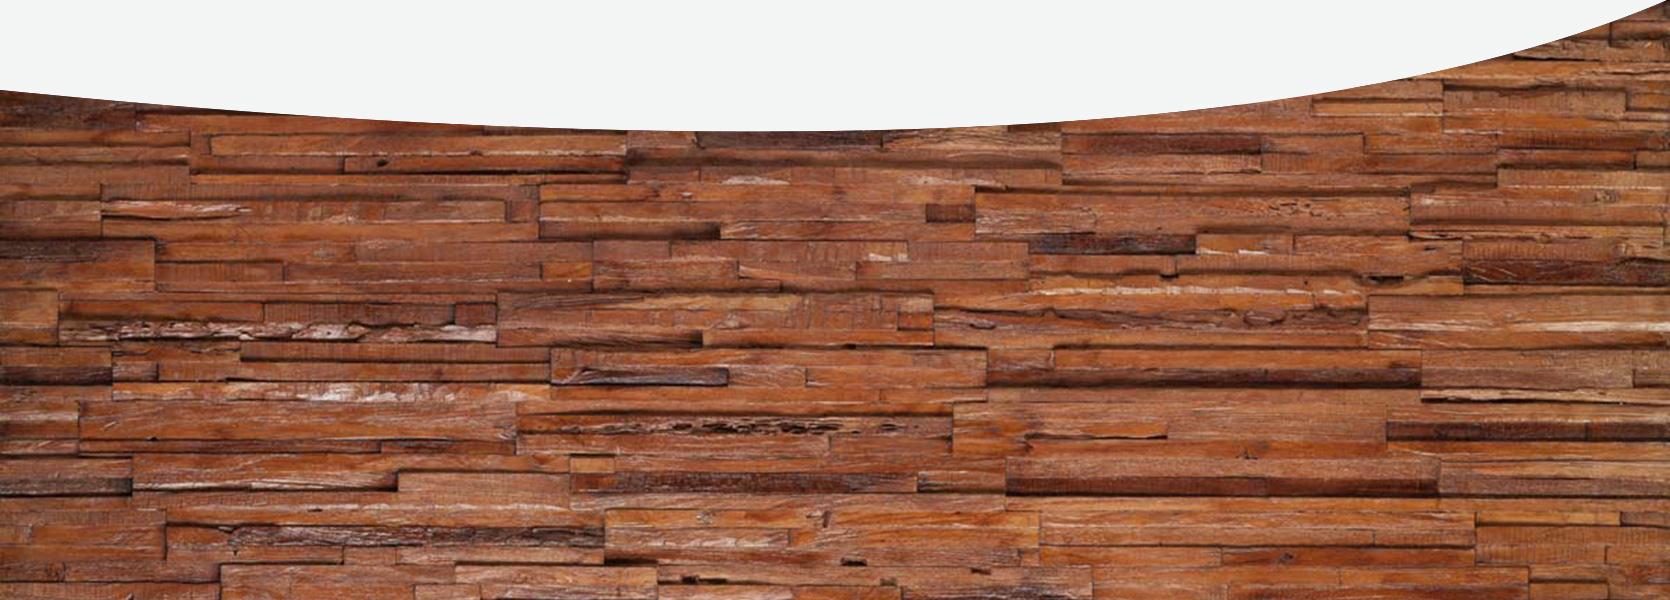 paneles-de-madera_valencia_castellon_tarragona_Old_Stones_Espacios